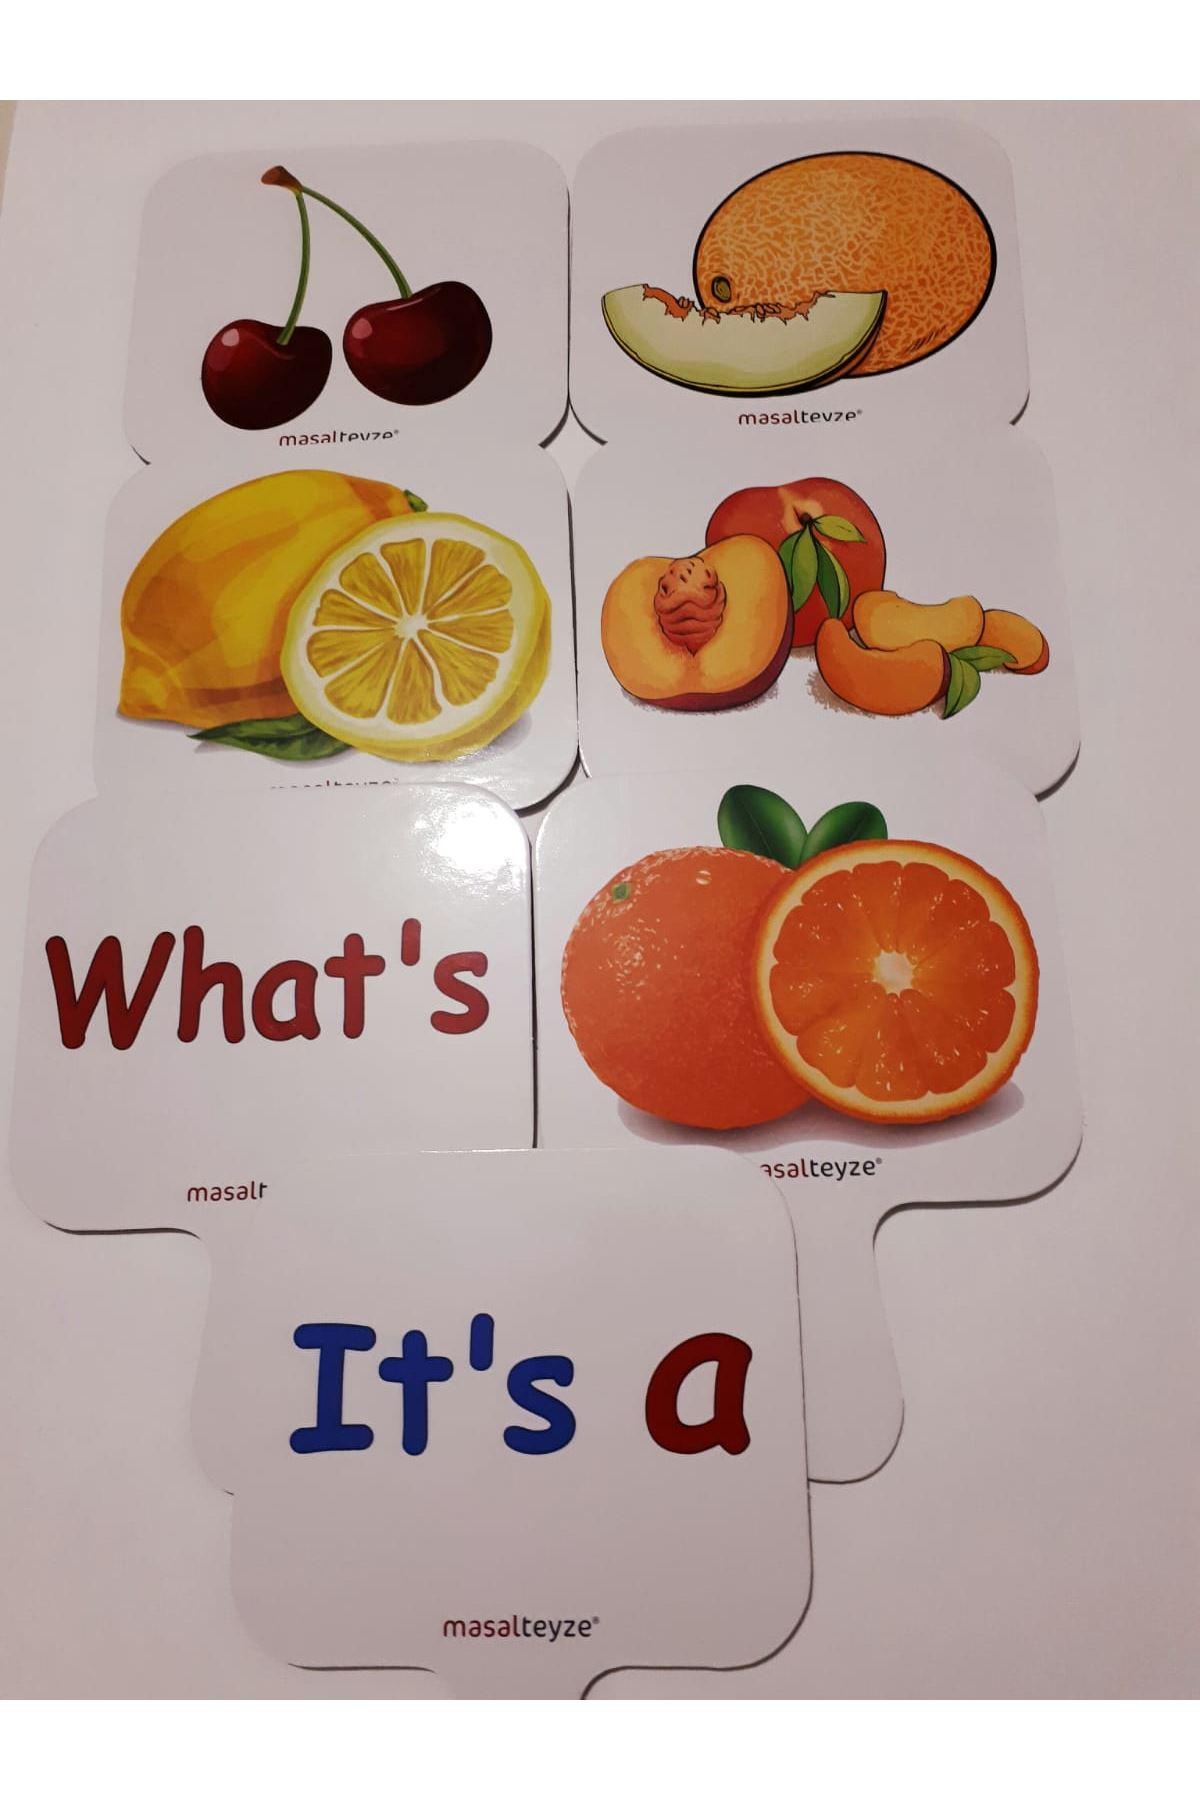 FruitBoards